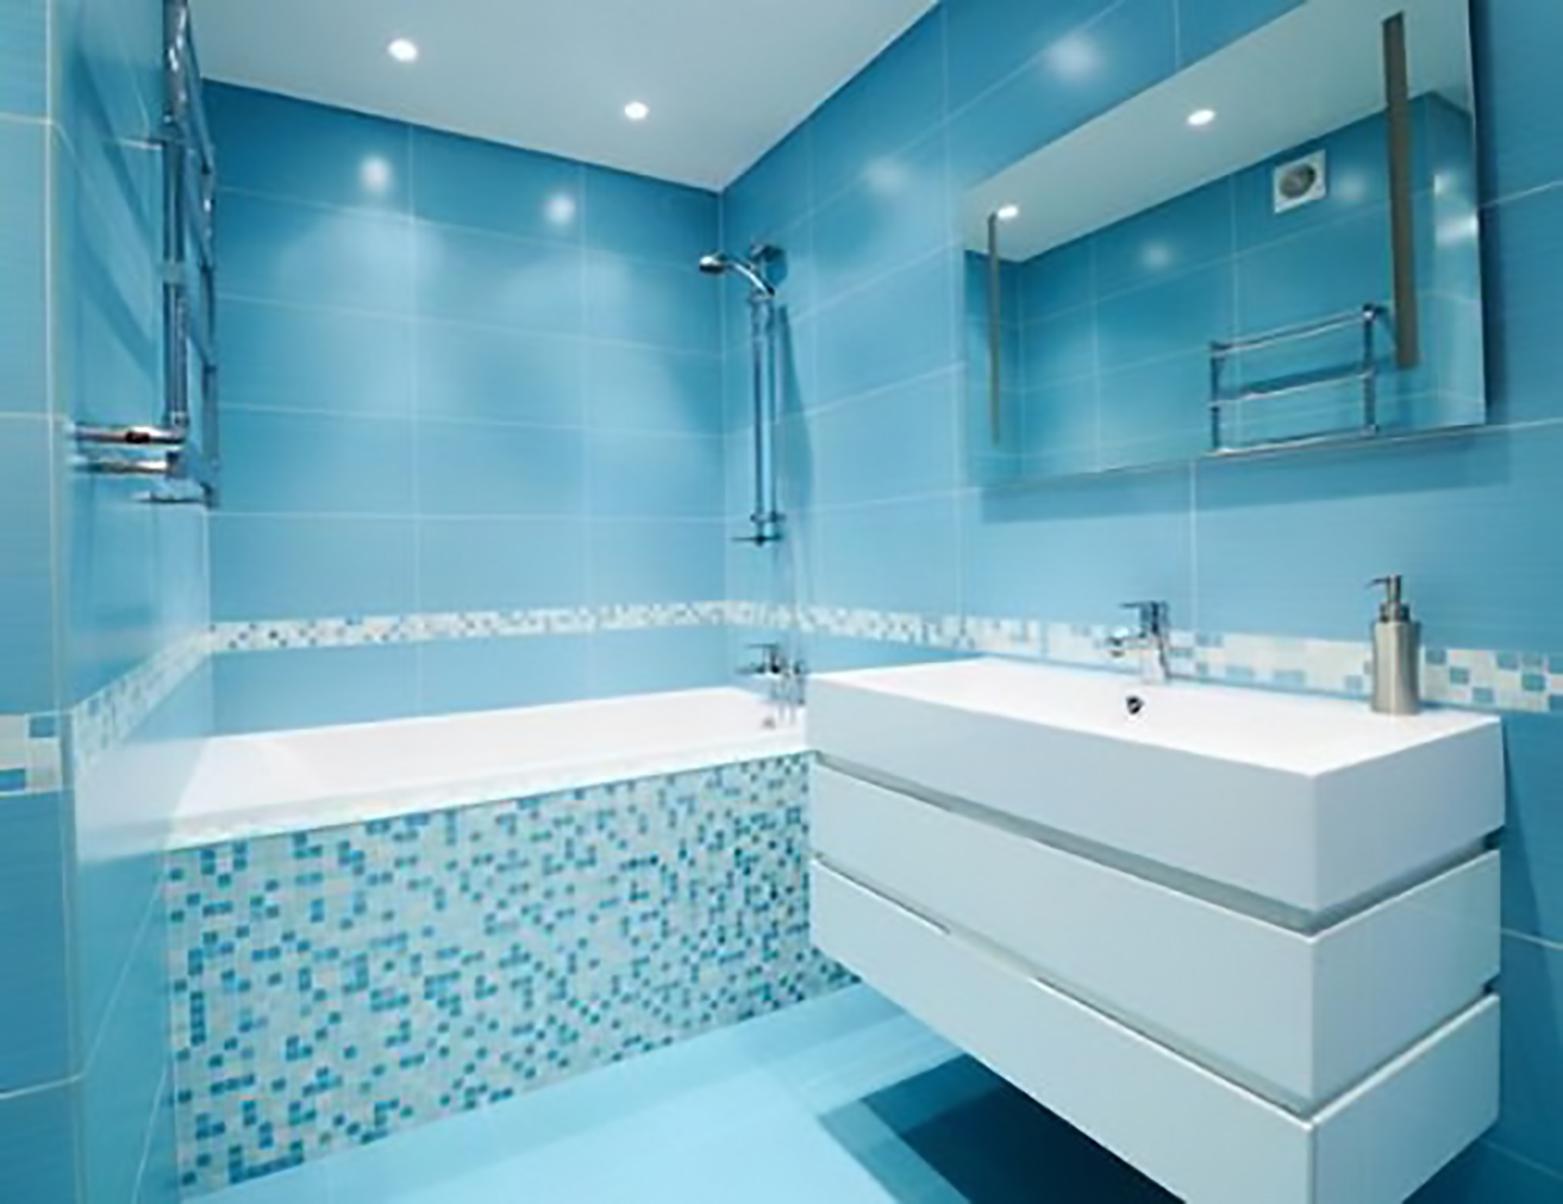 phòng tắm mang gam màu xanh nước biển